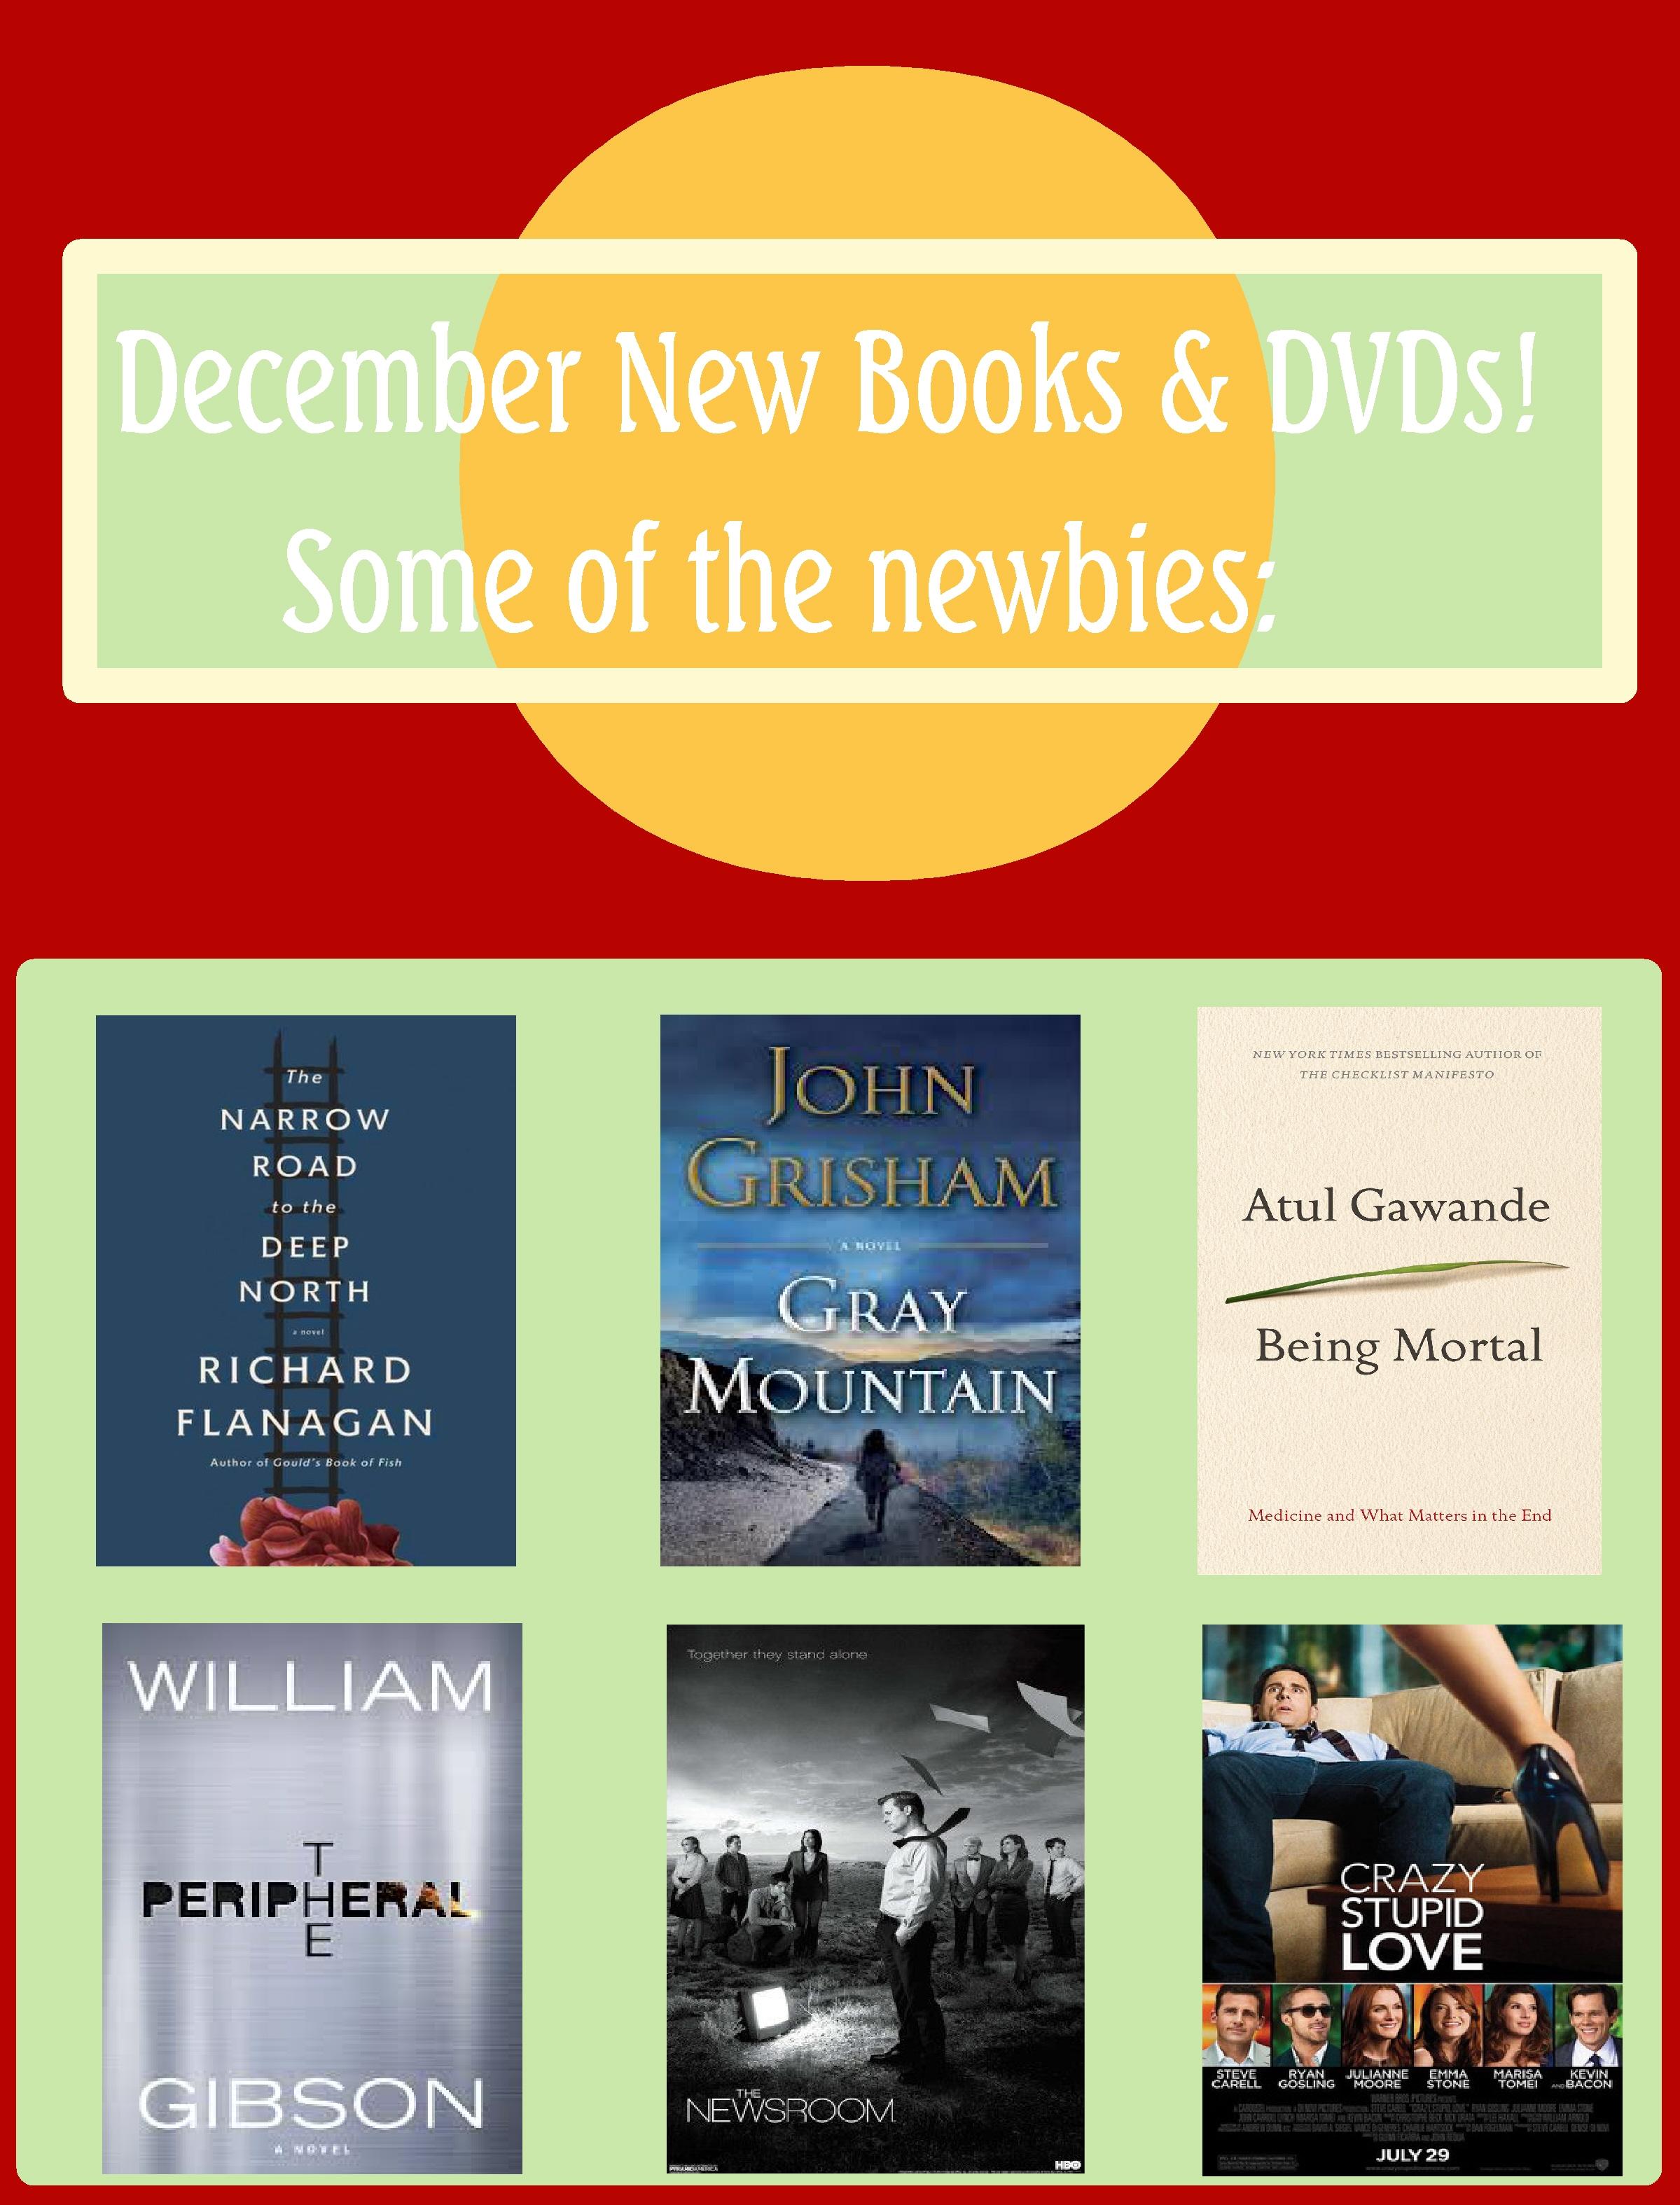 December New Books & DVDs